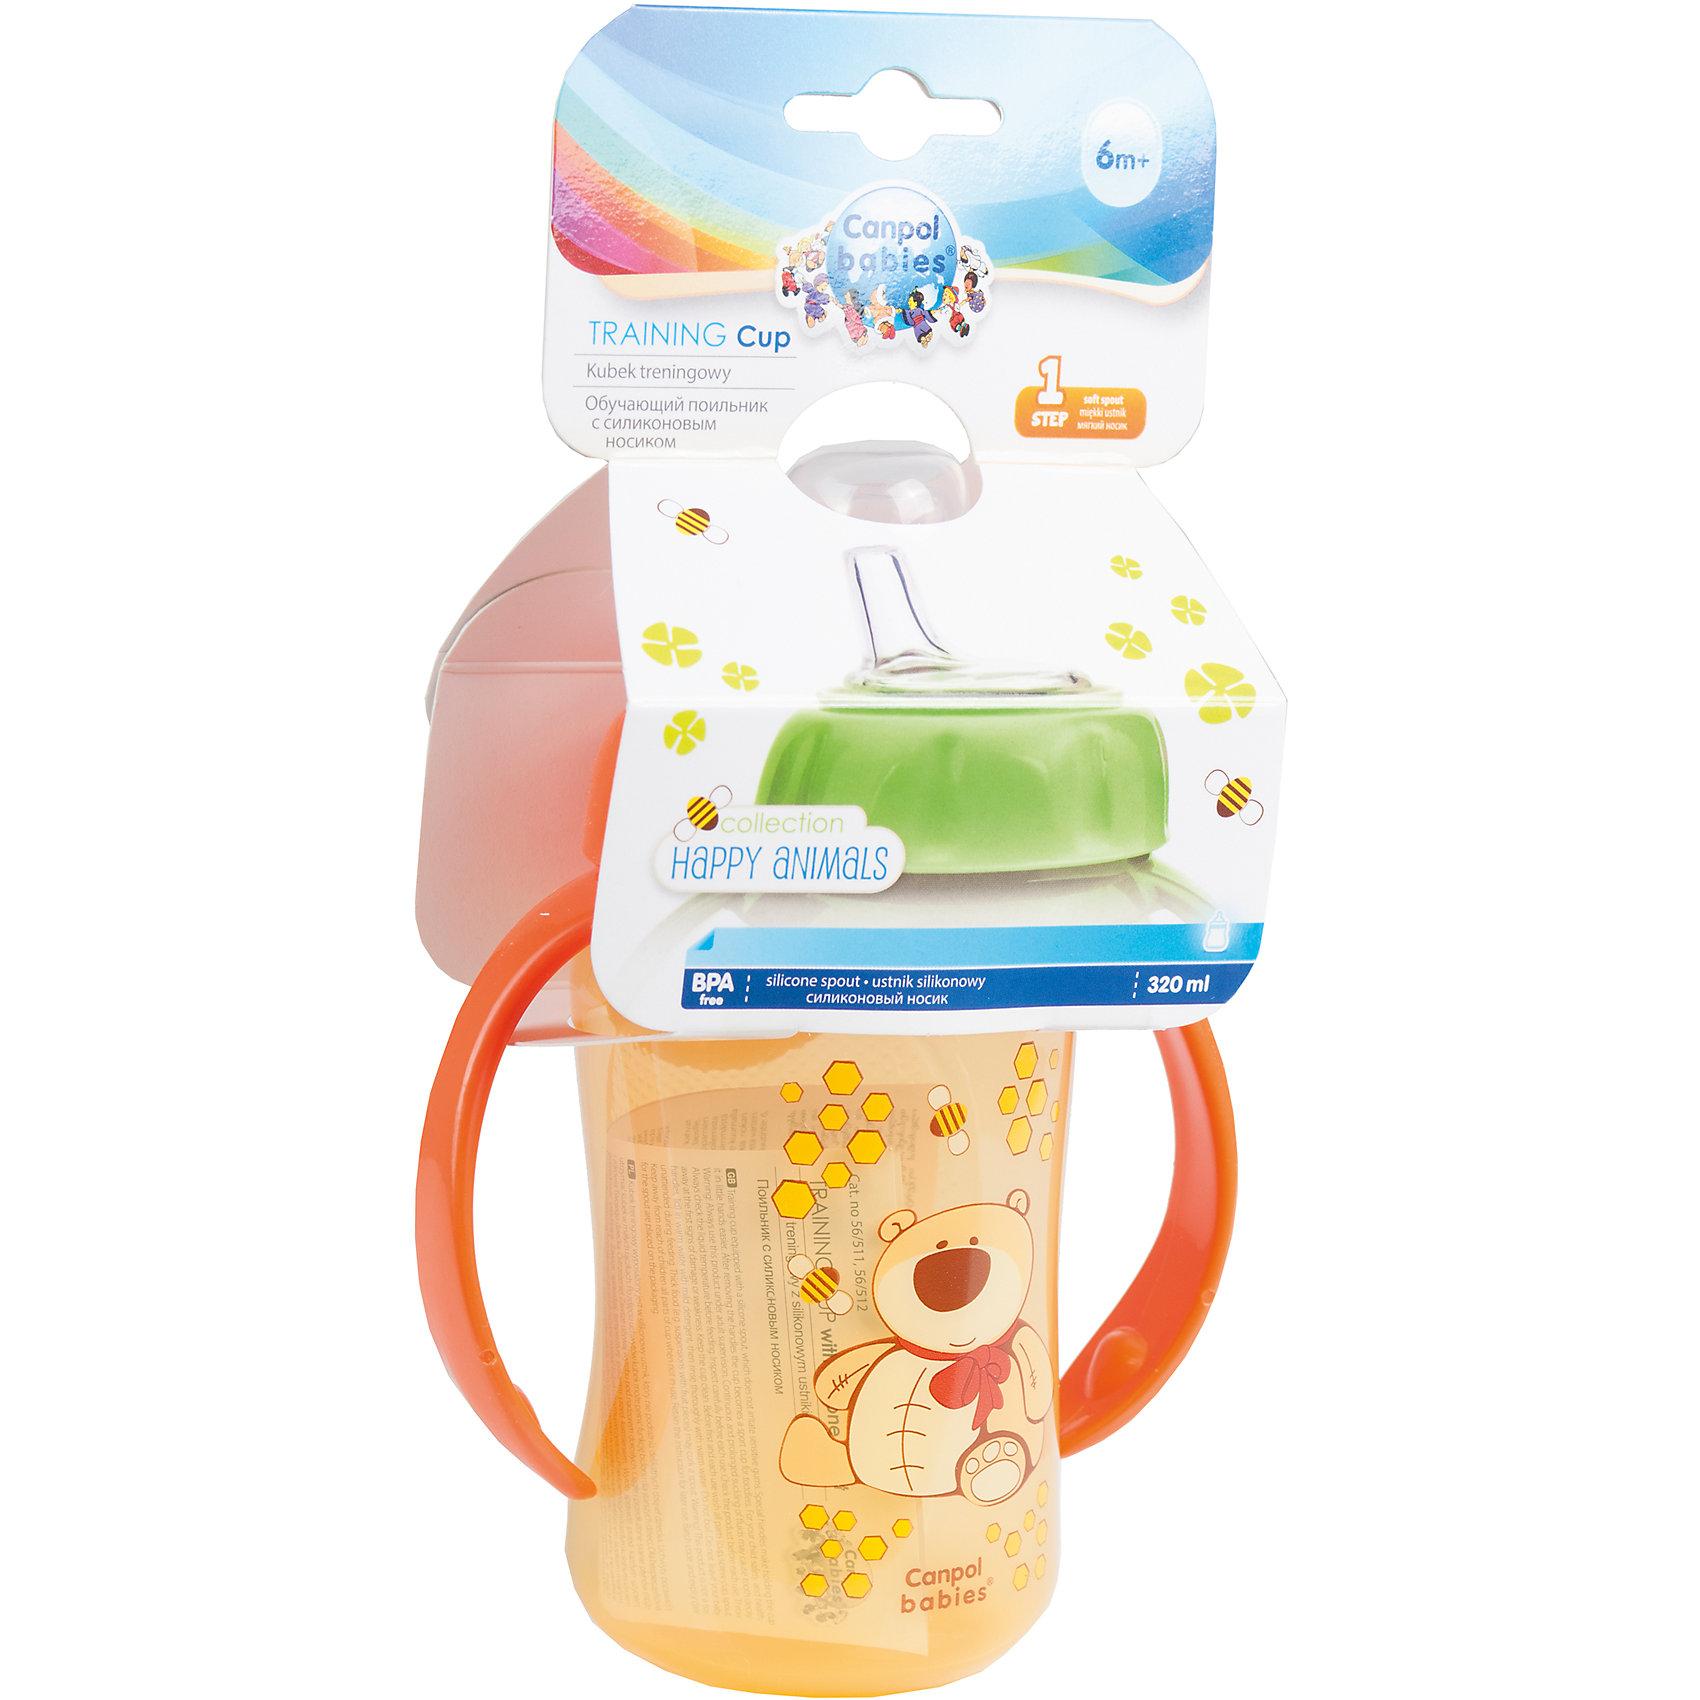 Поильник обучающий с силиконовым носиком и ручками, 320 мл. 6+, Canpol Babies, оранжевыйПоильник обучающий с силиконовым носиком и ручками, 320 мл. 6+, Canpol Babies (Канпол беби), оранжевый.<br><br>Характеристики:<br>• мягкий силиконовый носик<br>• защитная крышка<br>• удобные ручки<br>• не содержит бисфенол-А<br>• веселый дизайн<br>• материал: пластик <br>• высота поильника: 16, 5 см<br>• размер упаковки: 12х17х7,5 см<br>• вес: 138 грамм<br>• объем: 320 мл<br>• цвет: оранжевый<br><br>Поильник Canpol Babies поможет вам приучить ребенка к более взрослой посуде для питья. Поильник имеет две удобные ручки и мягкий силиконовый носик, который не допустит травмирования десен крохи. Для привлечения внимания малыша поильник имеет яркую расцветку с красивым рисунком.<br><br>Поильник обучающий с силиконовым носиком и ручками, 320 мл. 6+, Canpol Babies (Канпол беби), оранжевый можно купить в нашем интернет-магазине.<br><br>Ширина мм: 125<br>Глубина мм: 70<br>Высота мм: 225<br>Вес г: 820<br>Возраст от месяцев: 6<br>Возраст до месяцев: 18<br>Пол: Унисекс<br>Возраст: Детский<br>SKU: 5156717